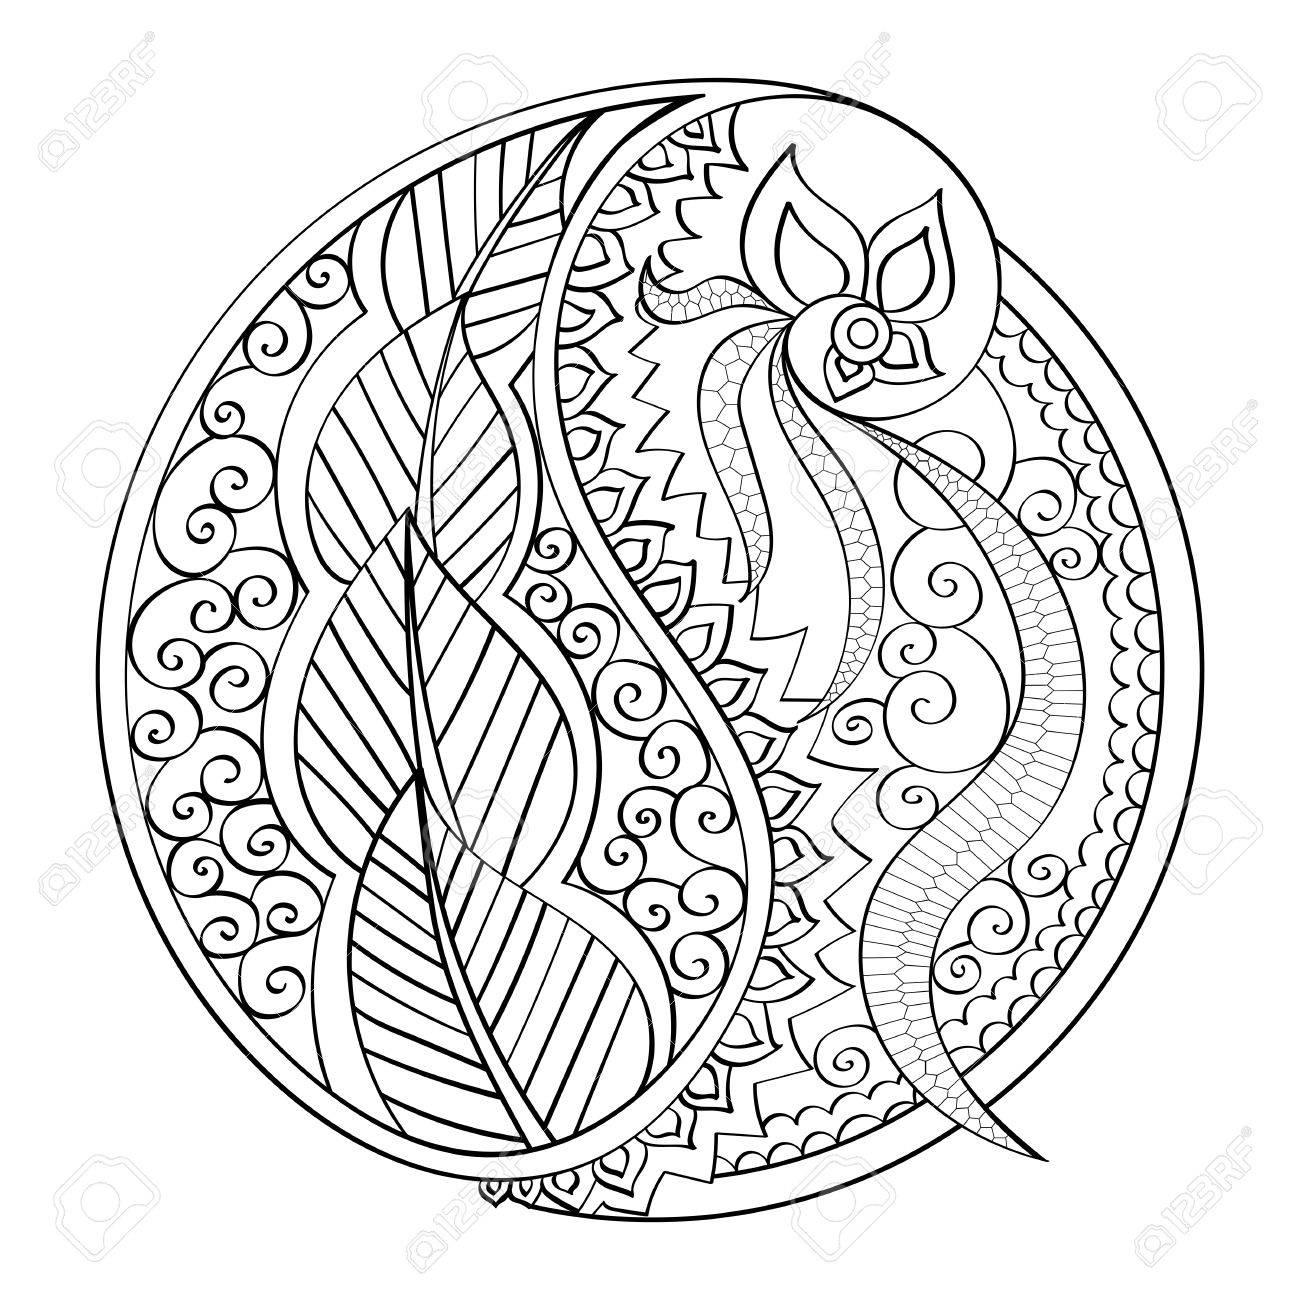 ベクターの手描き曼荼羅塗り絵ページ マンダラを予約マンダラの概要